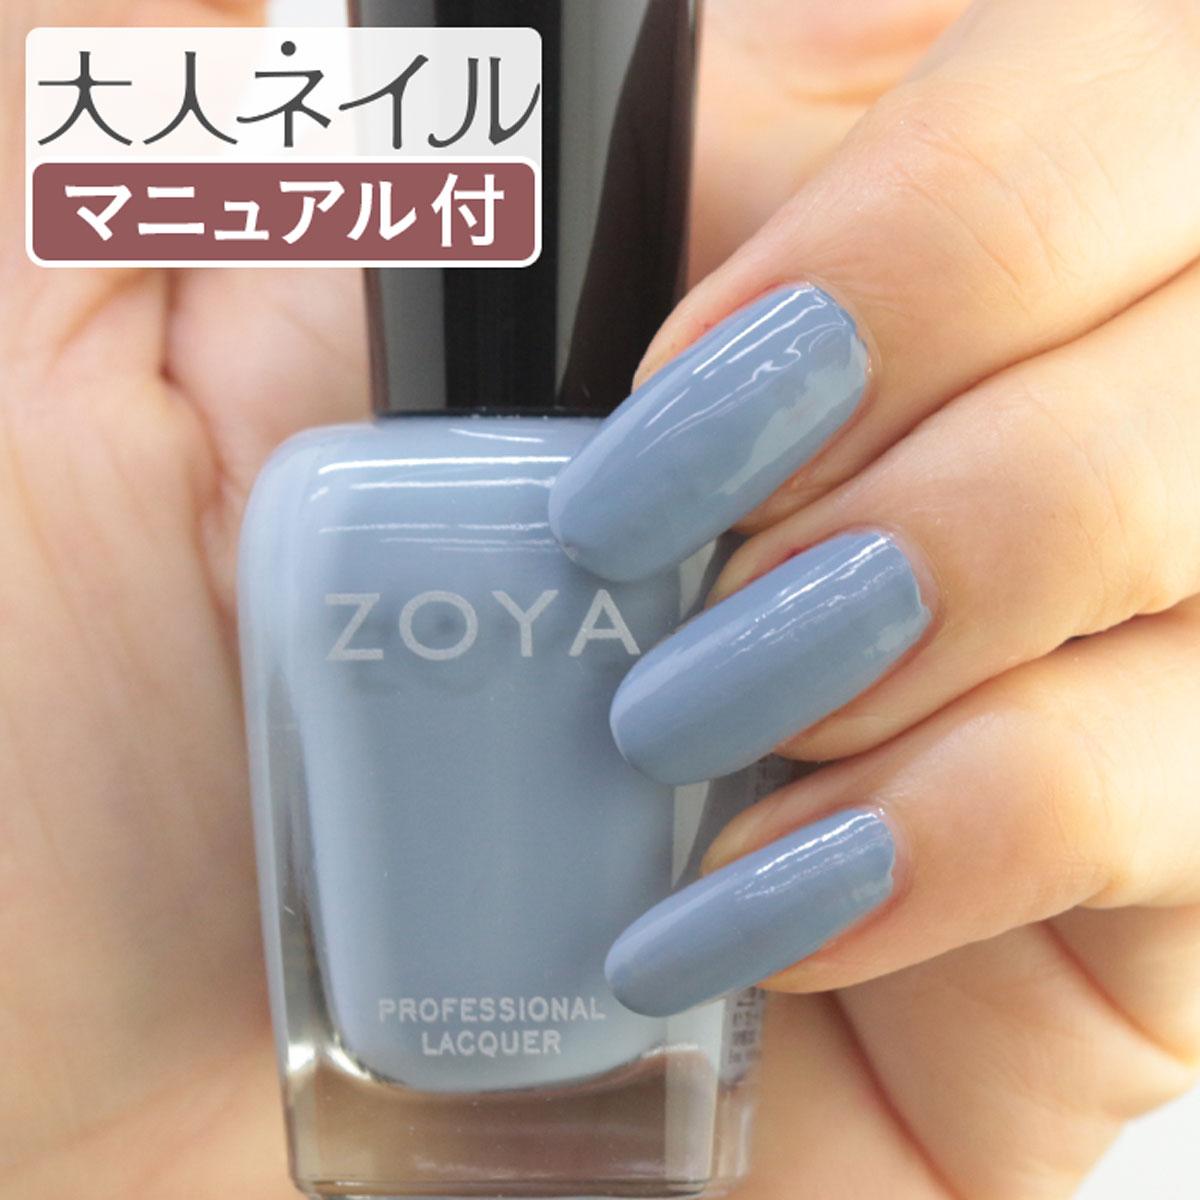 ZOYA ゾーヤ ゾヤ ネイルカラー ZP1057 15mL TOMMY 自爪 の為に作られた ネイル 爪にやさしい 自然派 マニキュア zoya セルフネイル にもおすすめ Cream クリーム グレー 秋ネイル 秋カラー